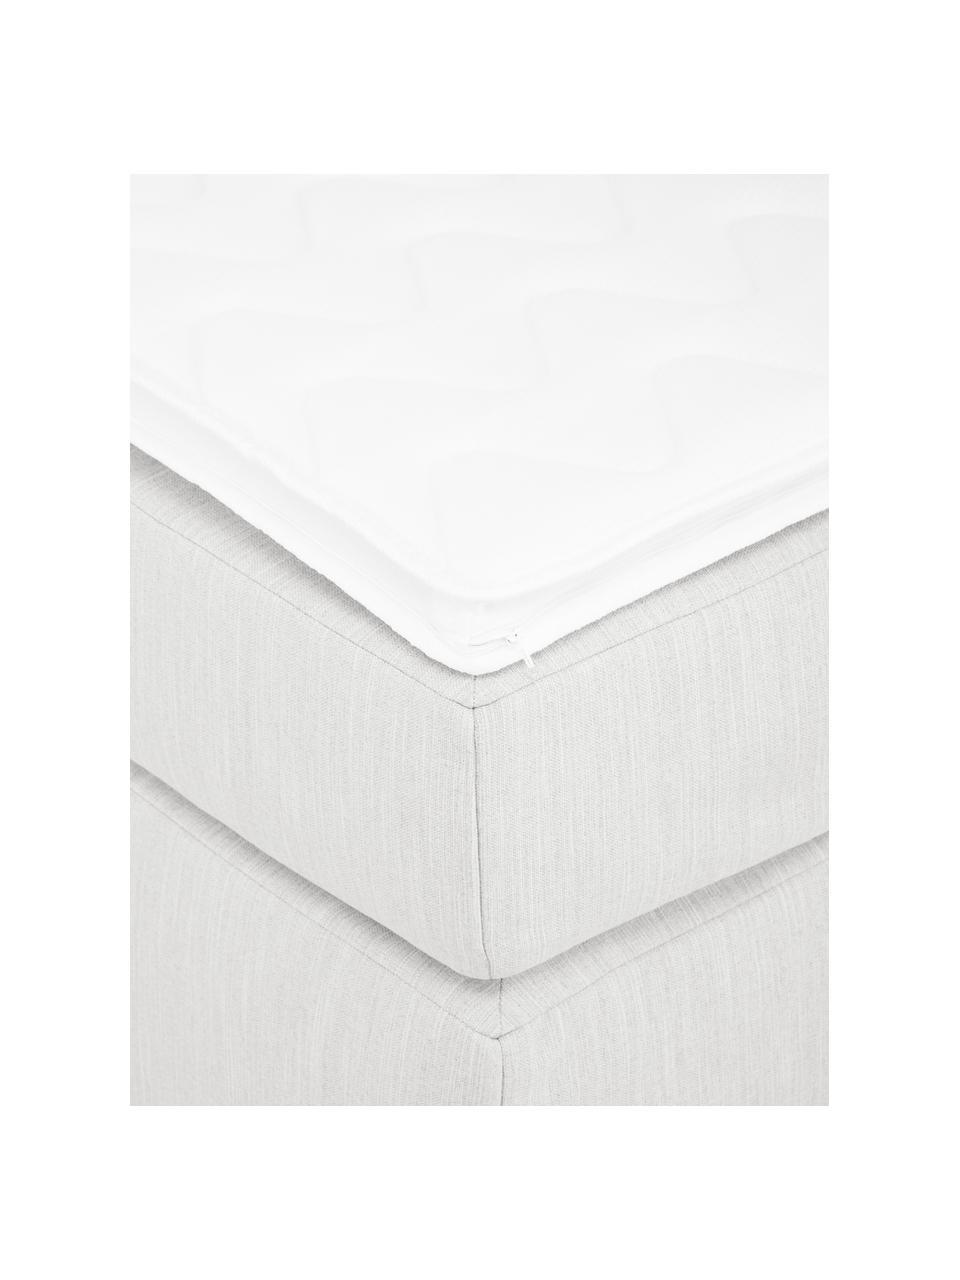 Łóżko kontynentalne bez zagłówka Enya, Nogi: tworzywo sztuczne, Jasny szary, S 200 x D 200 cm